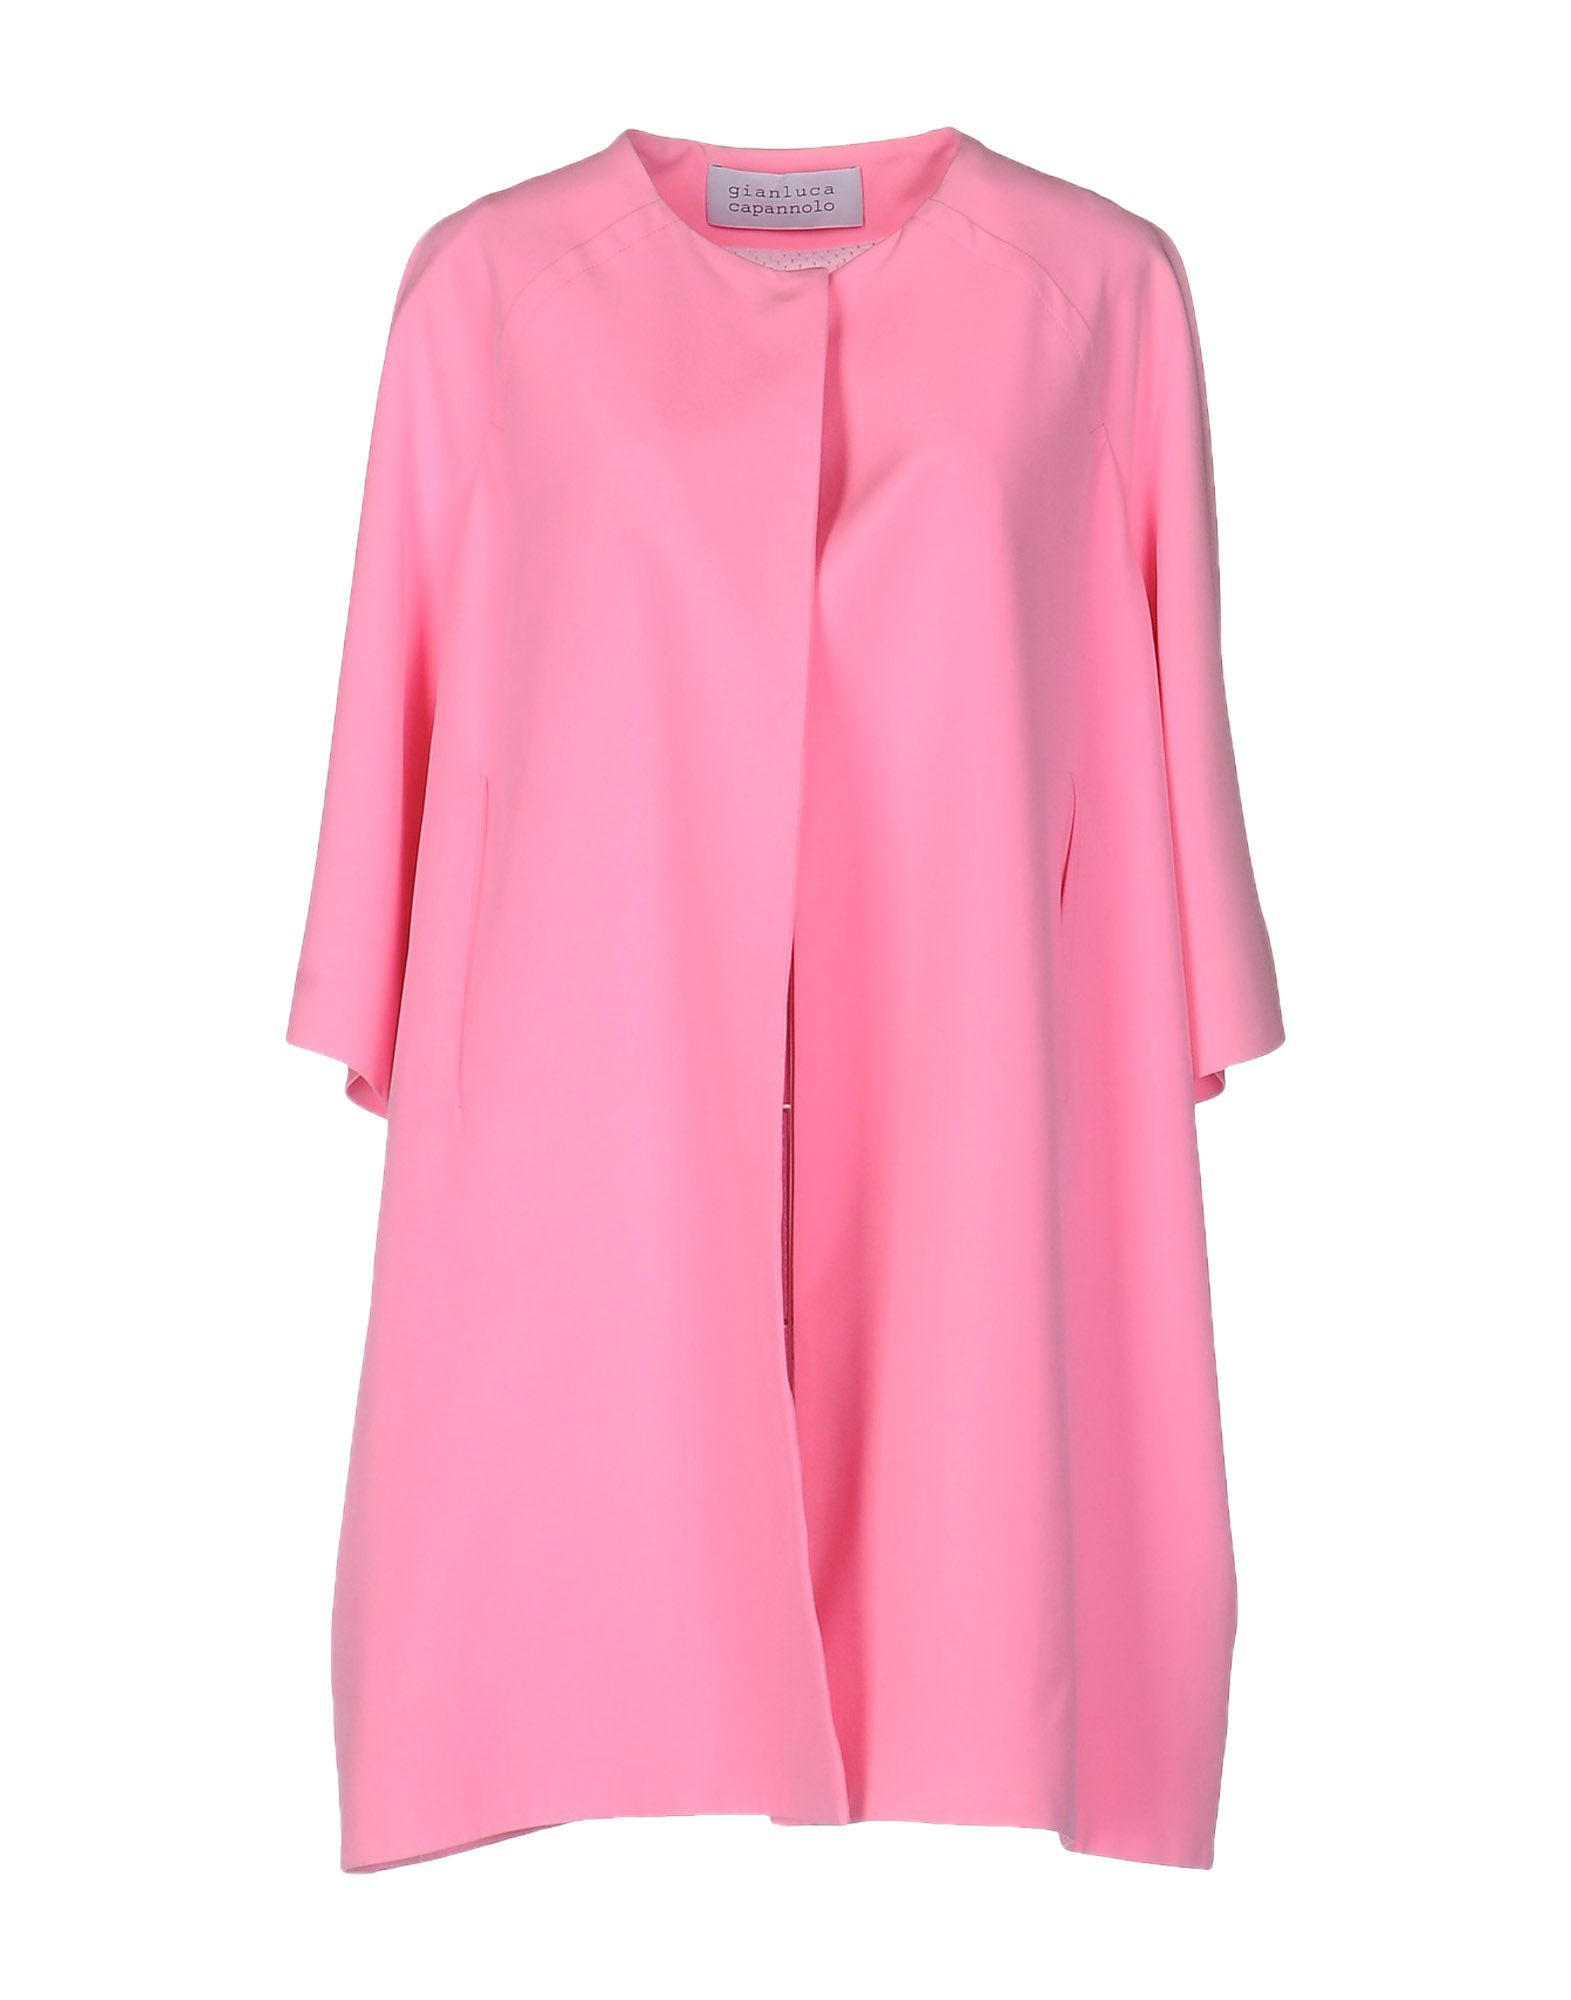 цены на GIANLUCA CAPANNOLO Легкое пальто в интернет-магазинах